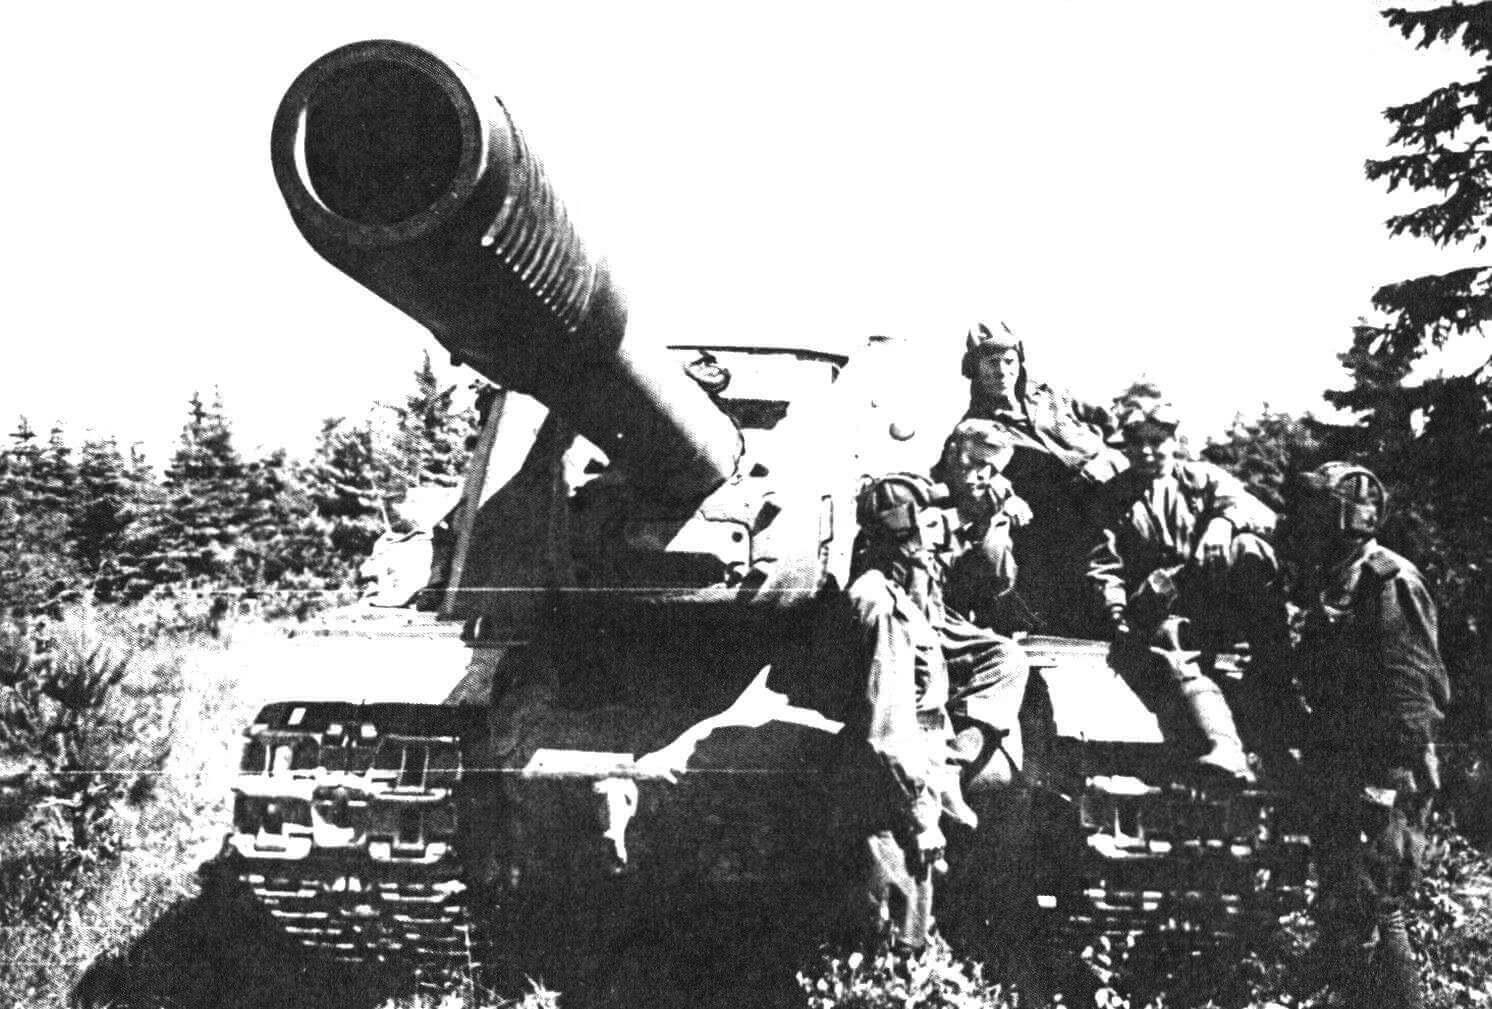 Экипаж ИСУ-152 отдыхает после боя. Белоруссия, 1944 год